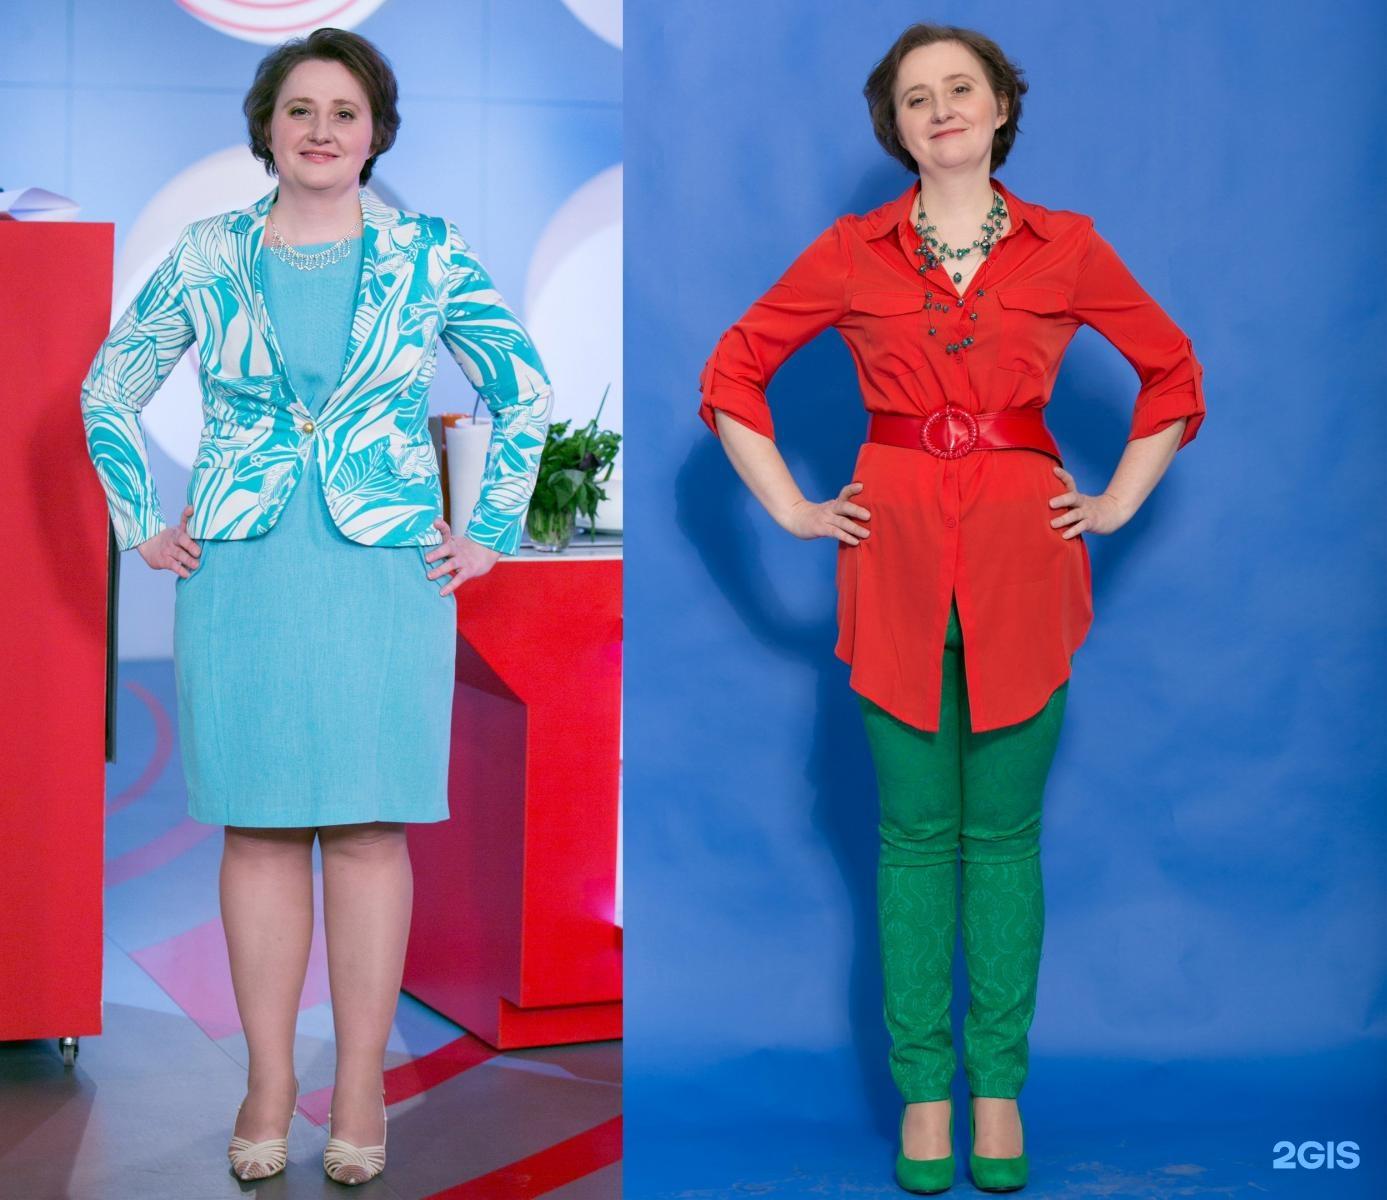 Блог Малышевой О Похудении. Диета Елены Малышевой: бесплатное меню и рецепты на каждый день